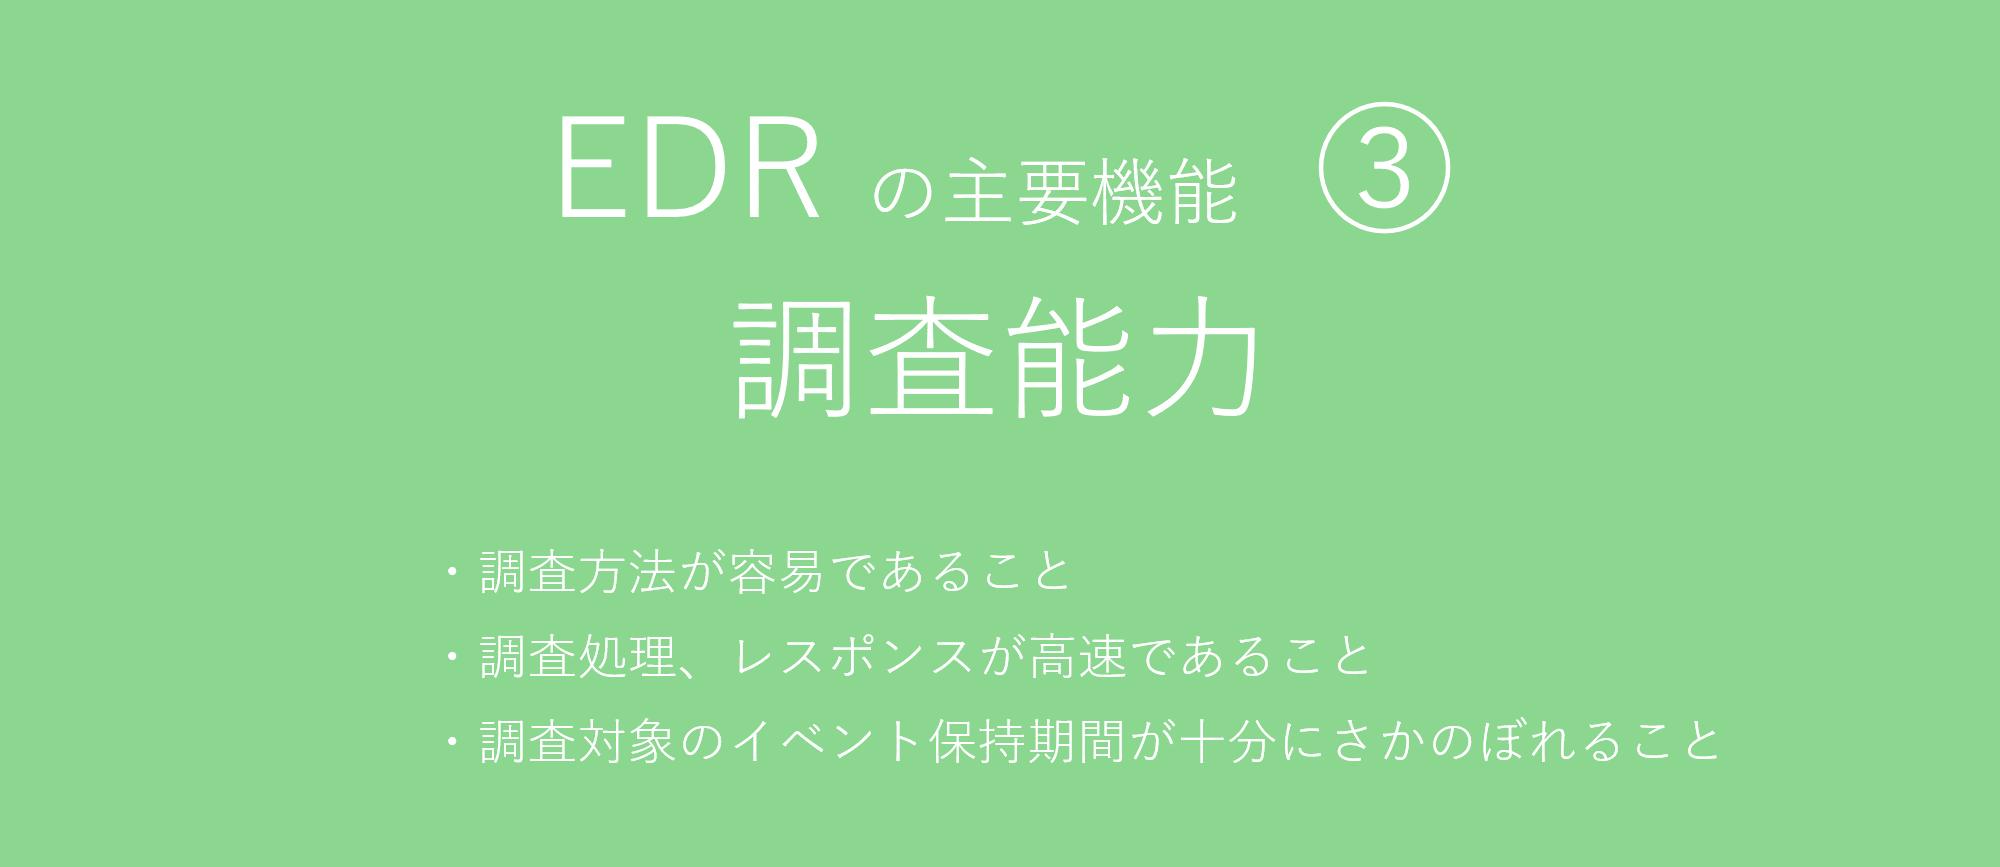 EDR3a